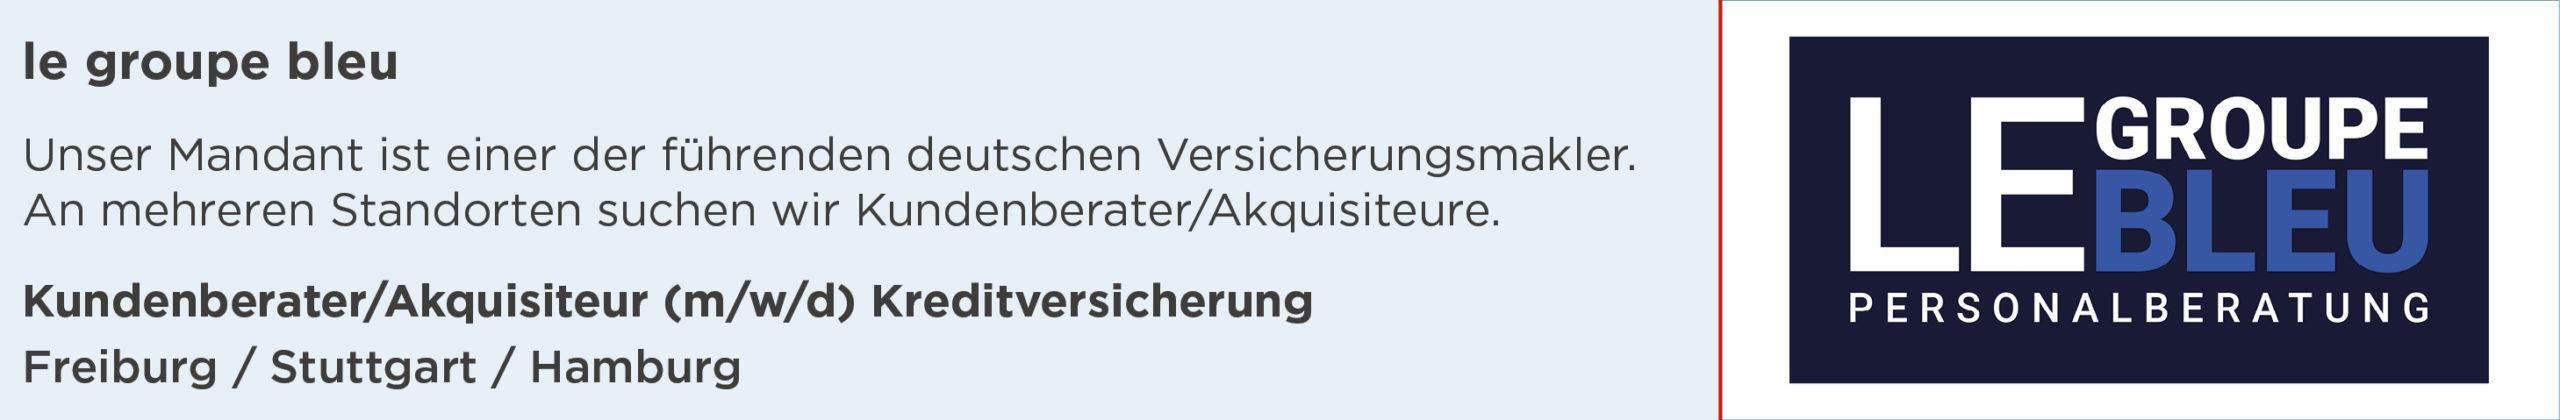 le groupe bleu, stellenanzeige, kundenberater, akquisiteur, kreditversicherung, freiburg, stuttgart, hamburg